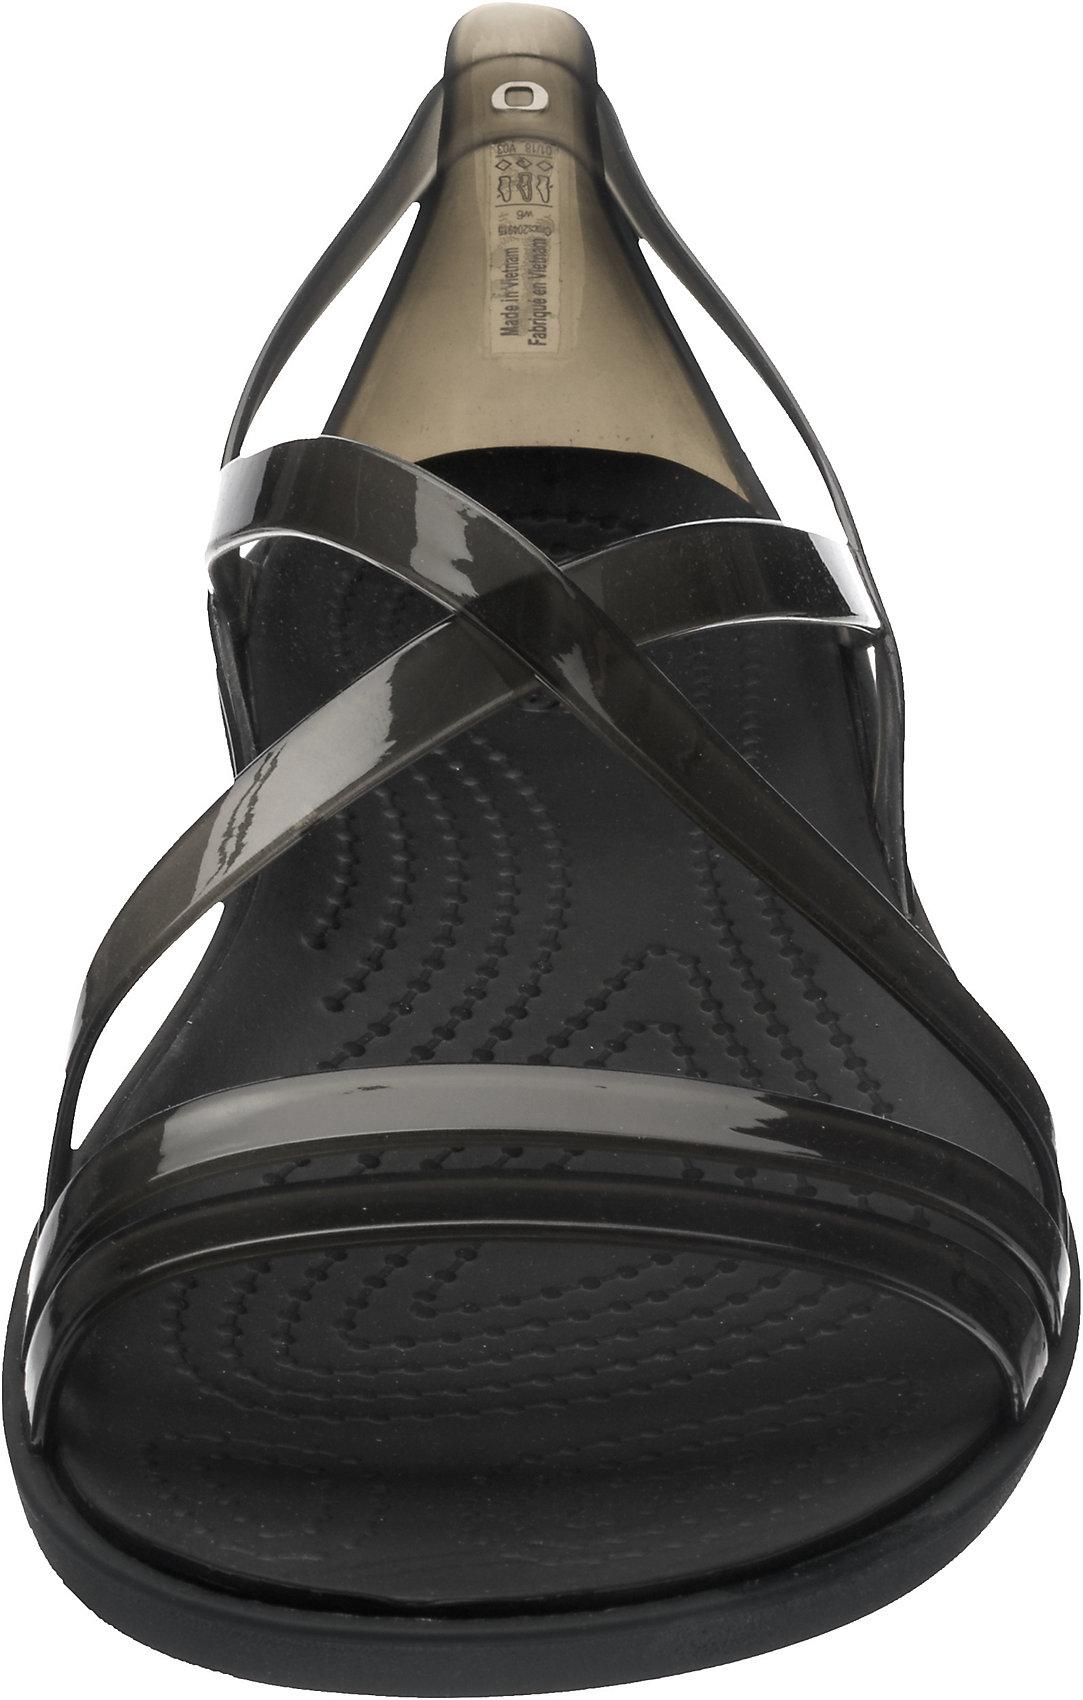 Neu CROCS Isabella Strappy Sandal W Blk Komfort-Sandalen 7217073 für Damen